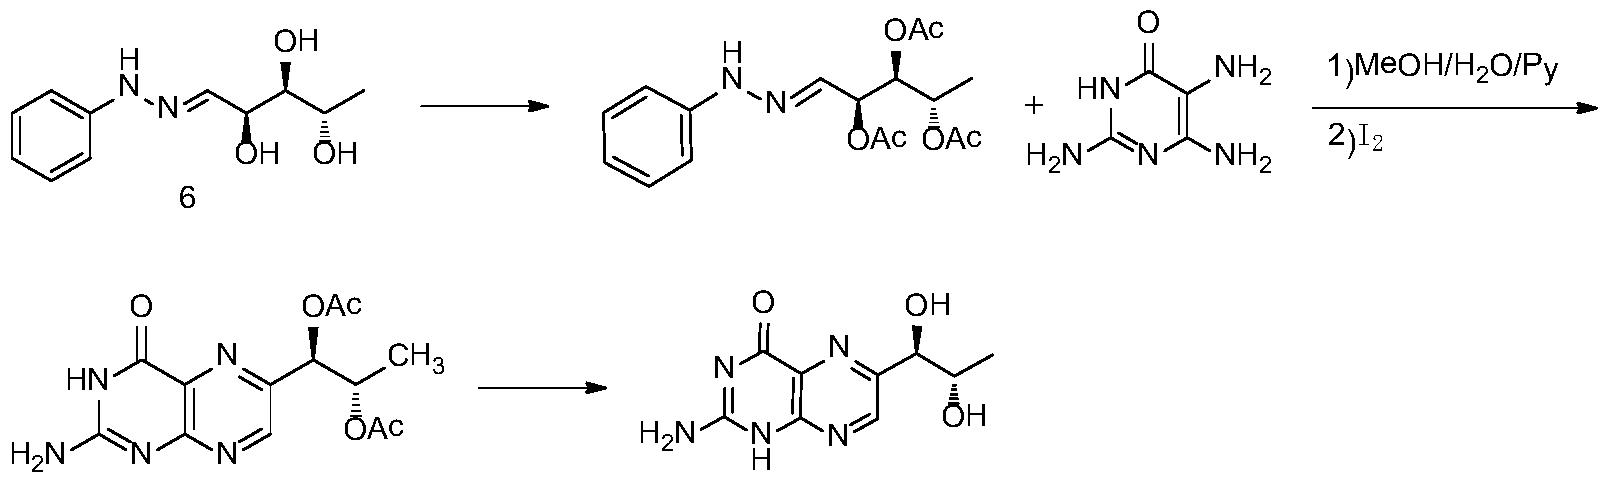 Figure PCTCN2014094961-appb-000003